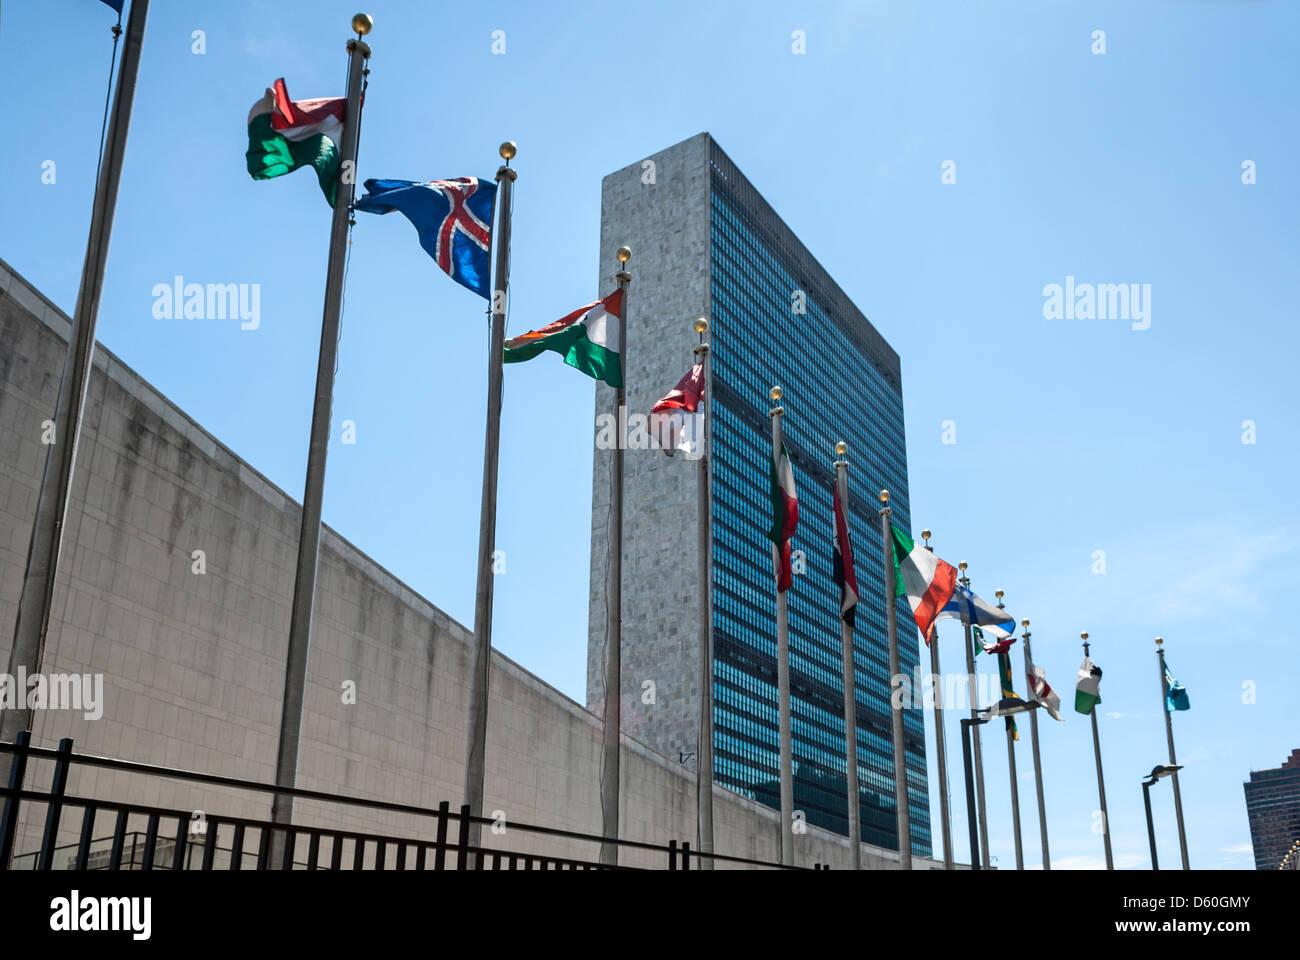 Gebäude der Vereinten Nationen, UN-Hauptquartier, Manhattan, New York City, New York, New York, USA - Bild Stockbild